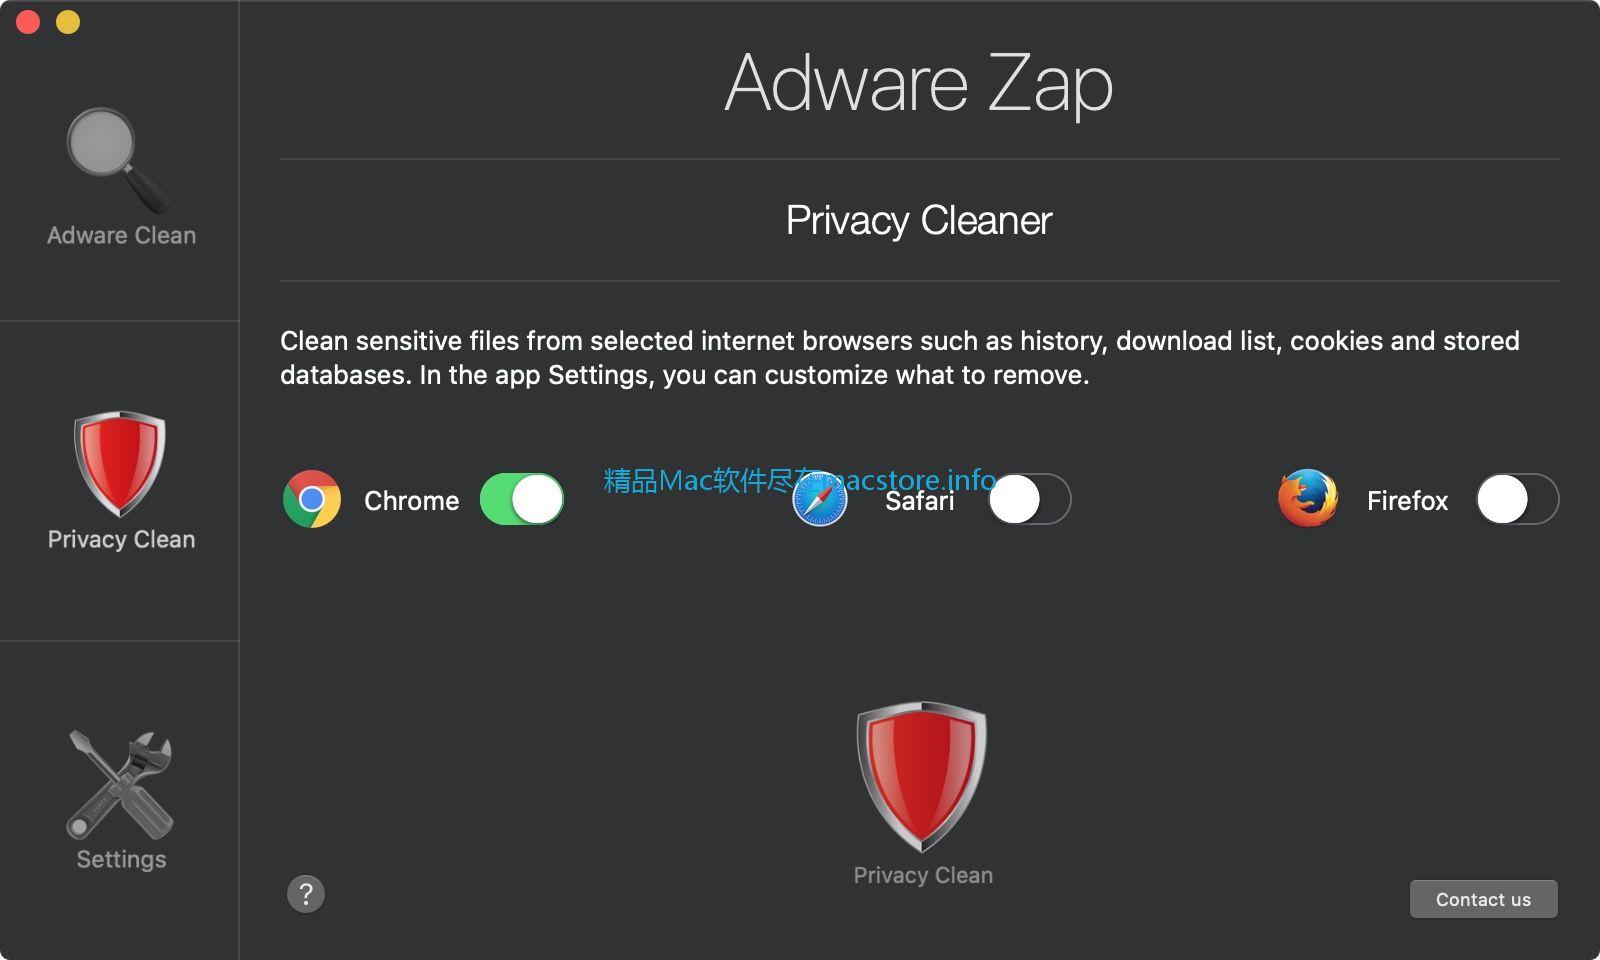 时刻保护您的隐私